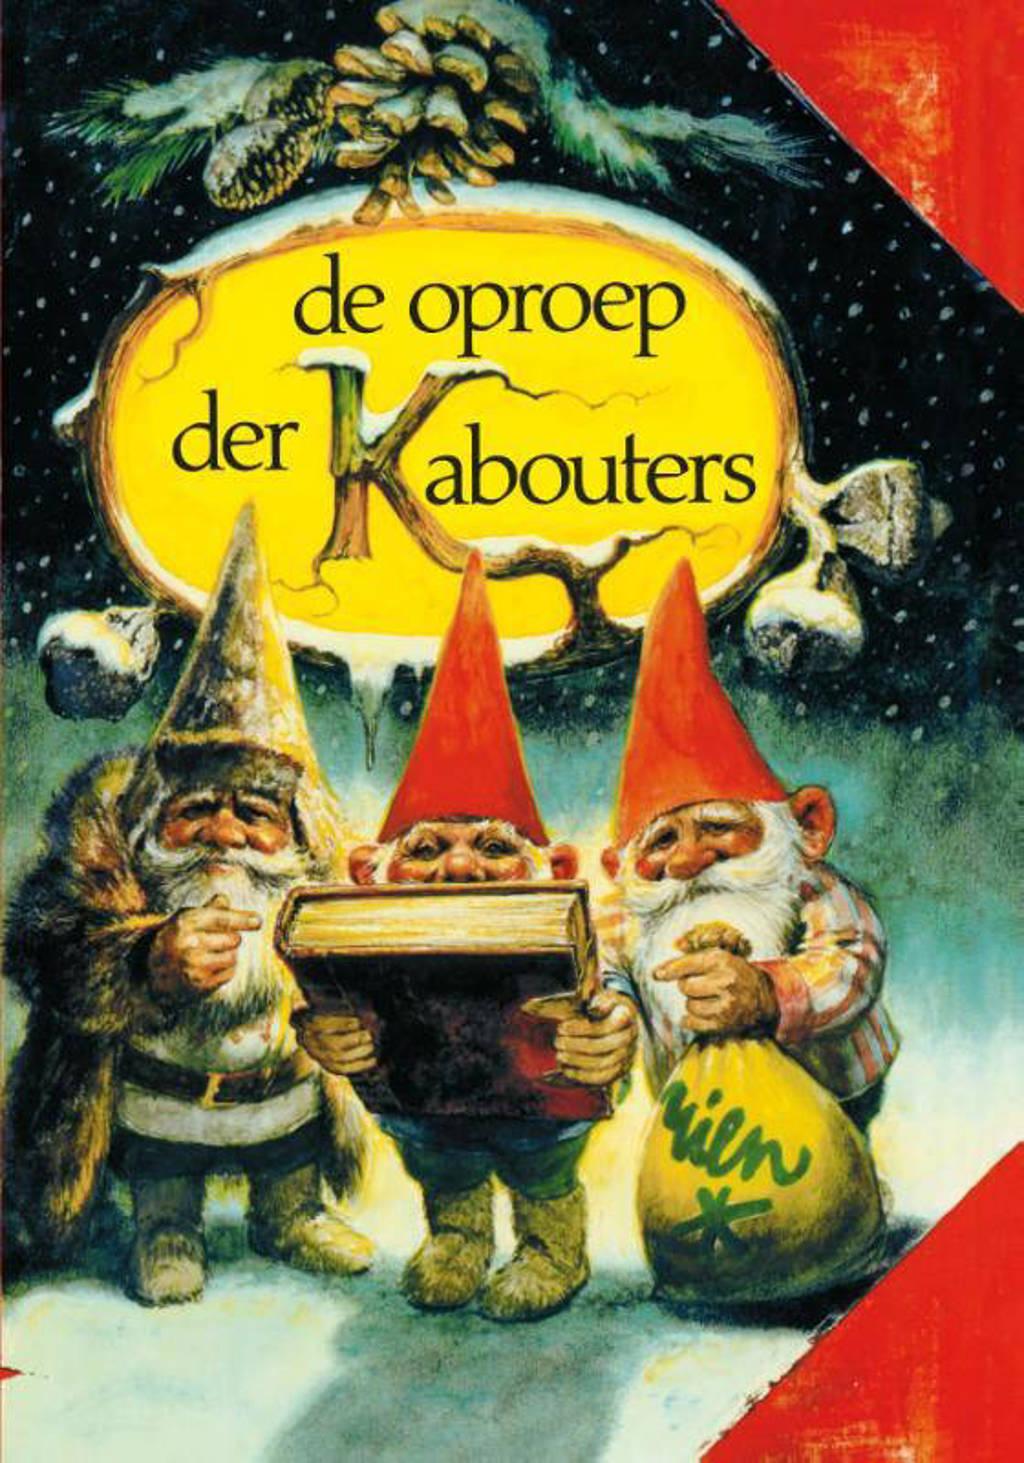 De oproep der kabouters - Wil Huygen en Rien Poortvliet